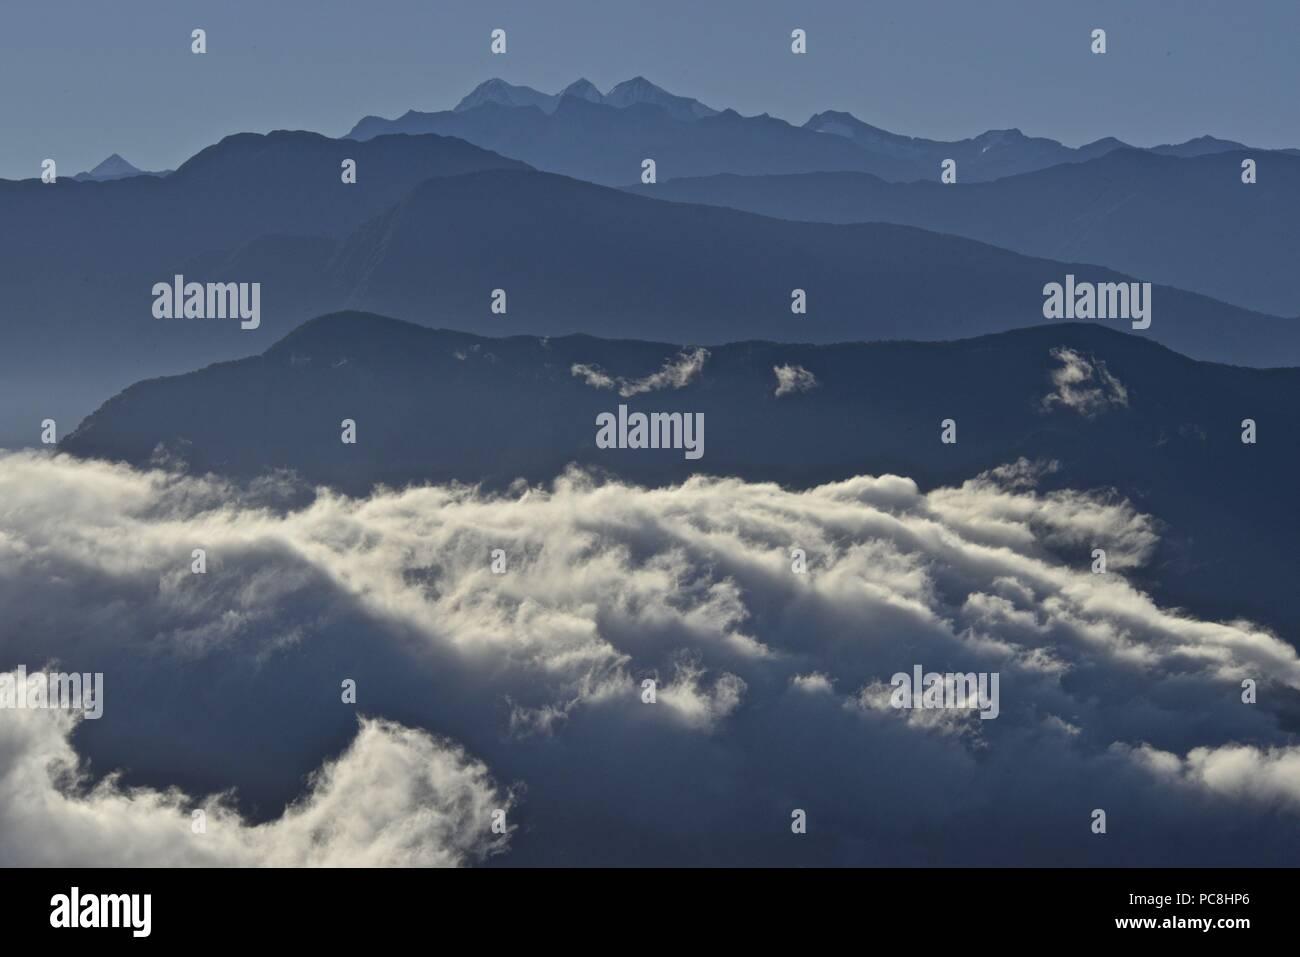 Vistas de las montañas de Sierra Nevada, incluyendo Cerro Kennedy. Foto de stock